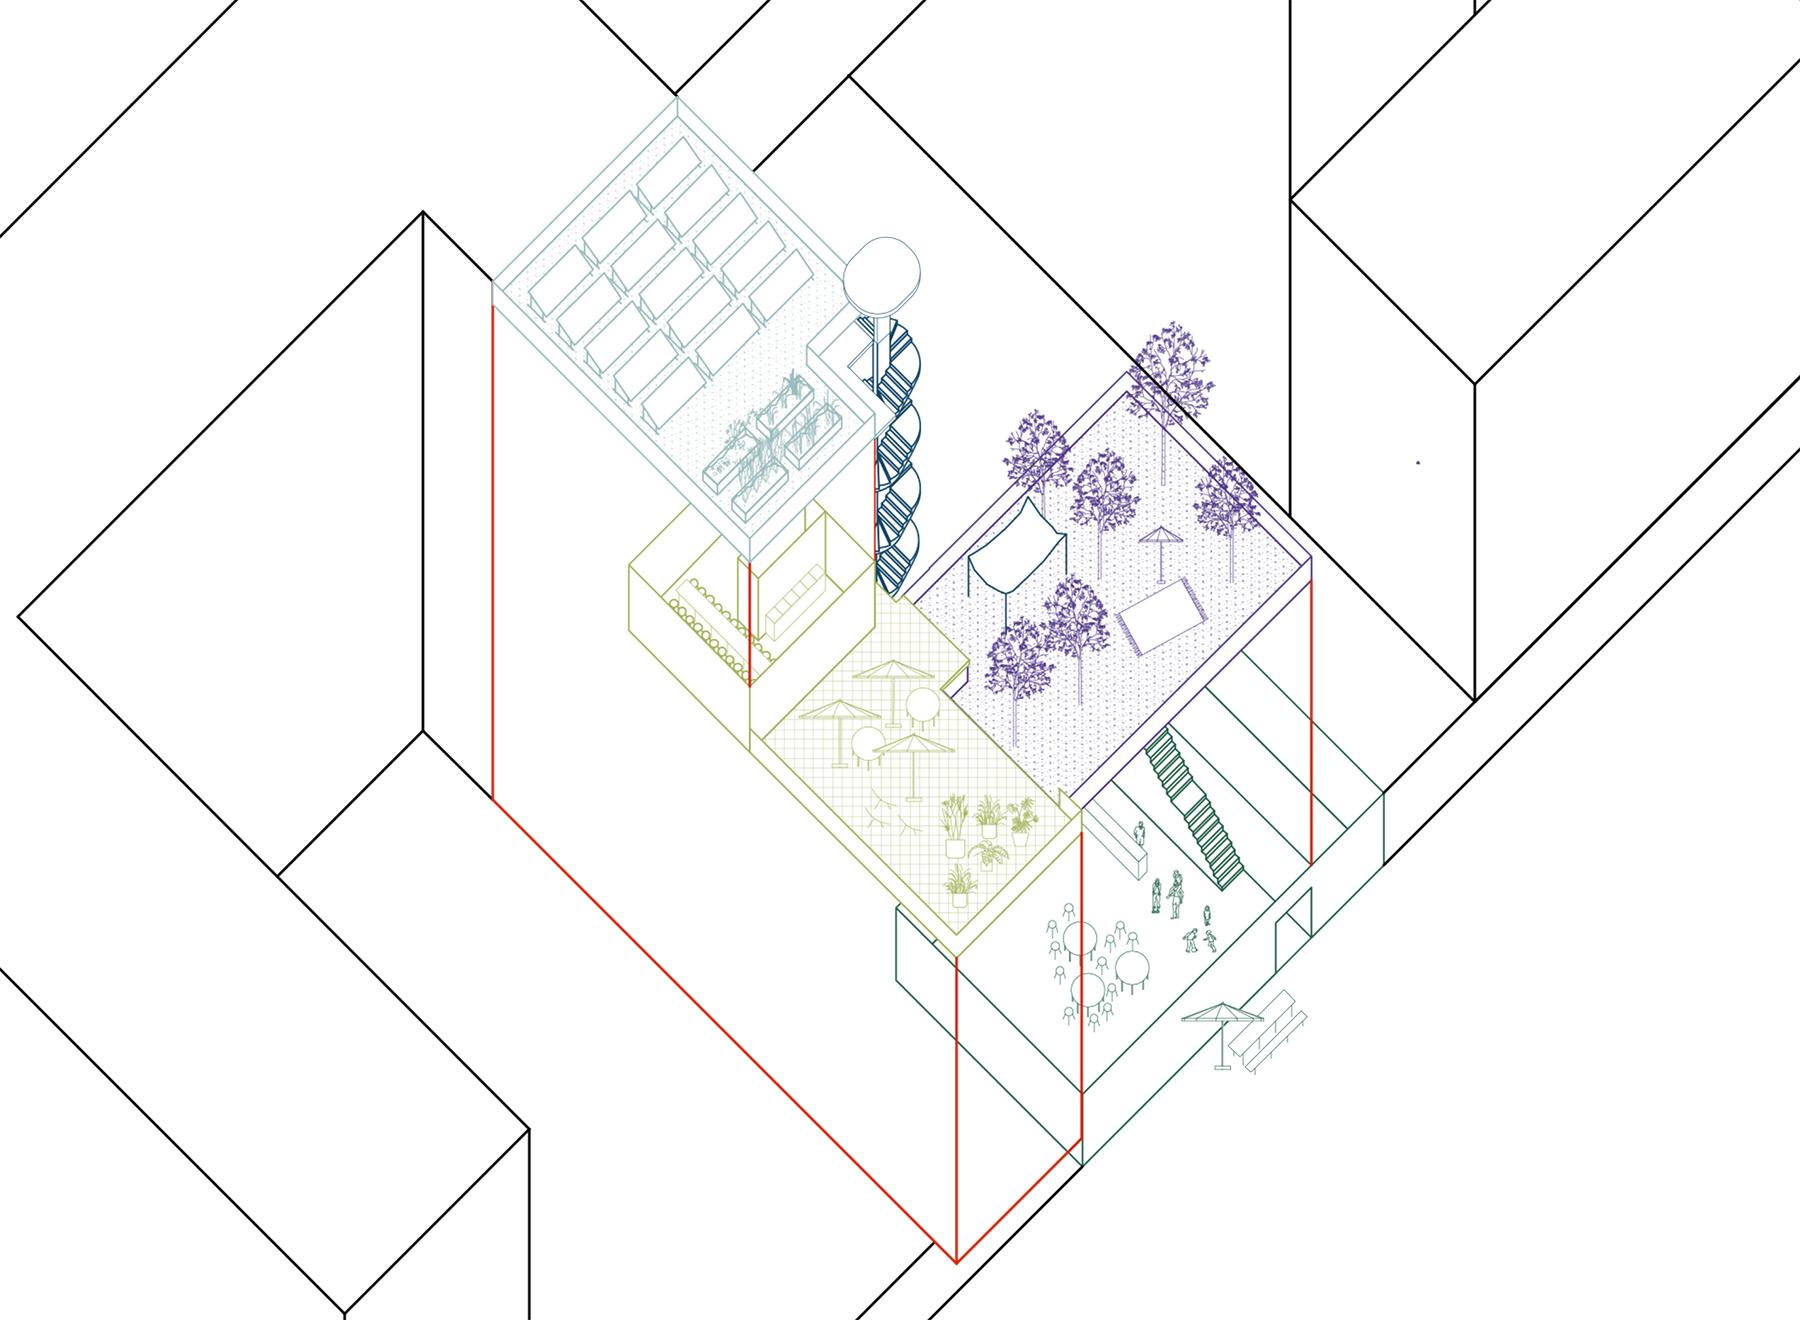 common spaces